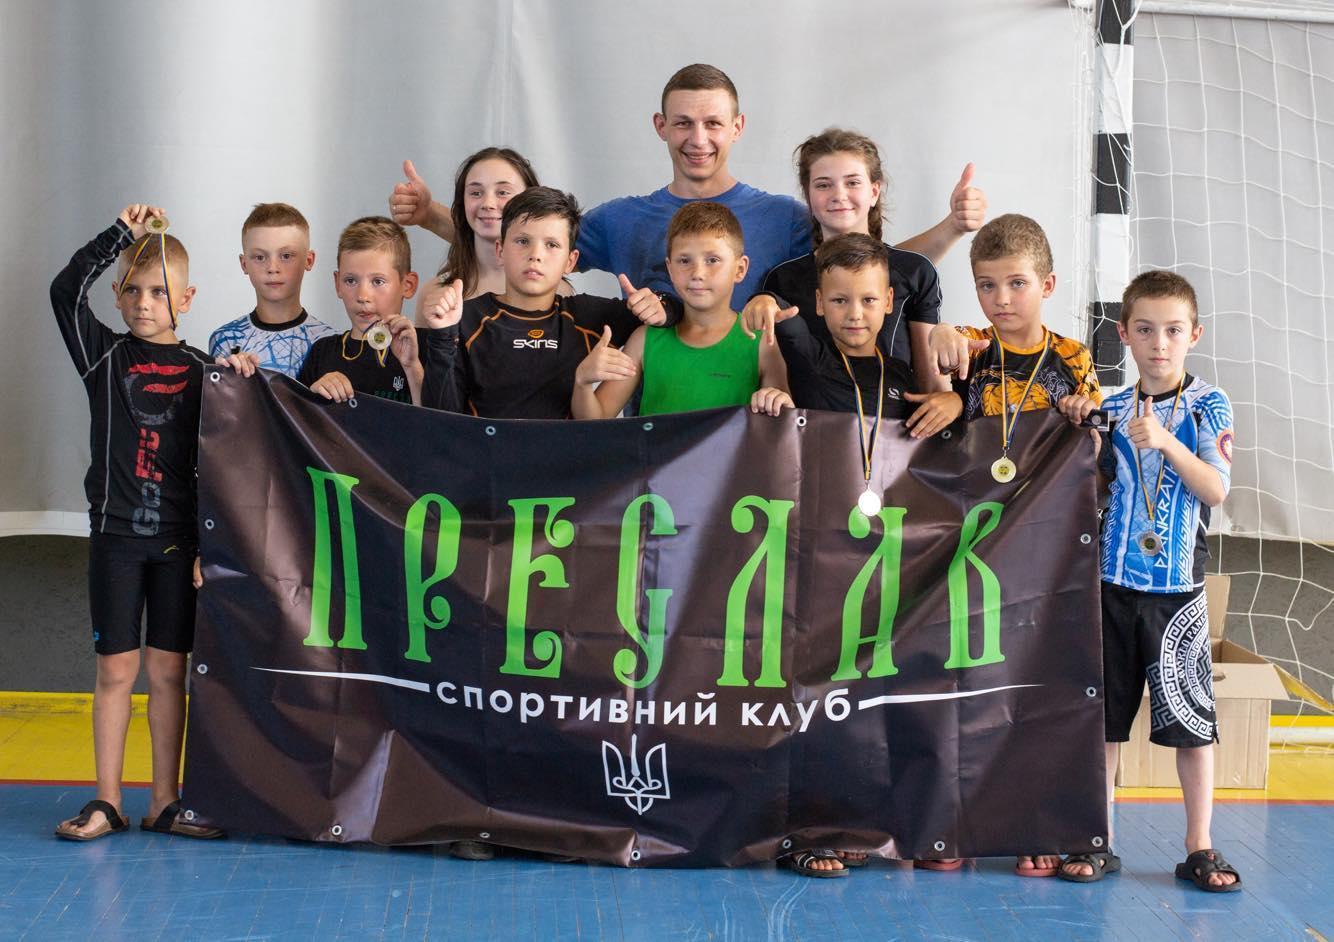 СК Преслав, чемпіонат з джиу-джитсу. Фото